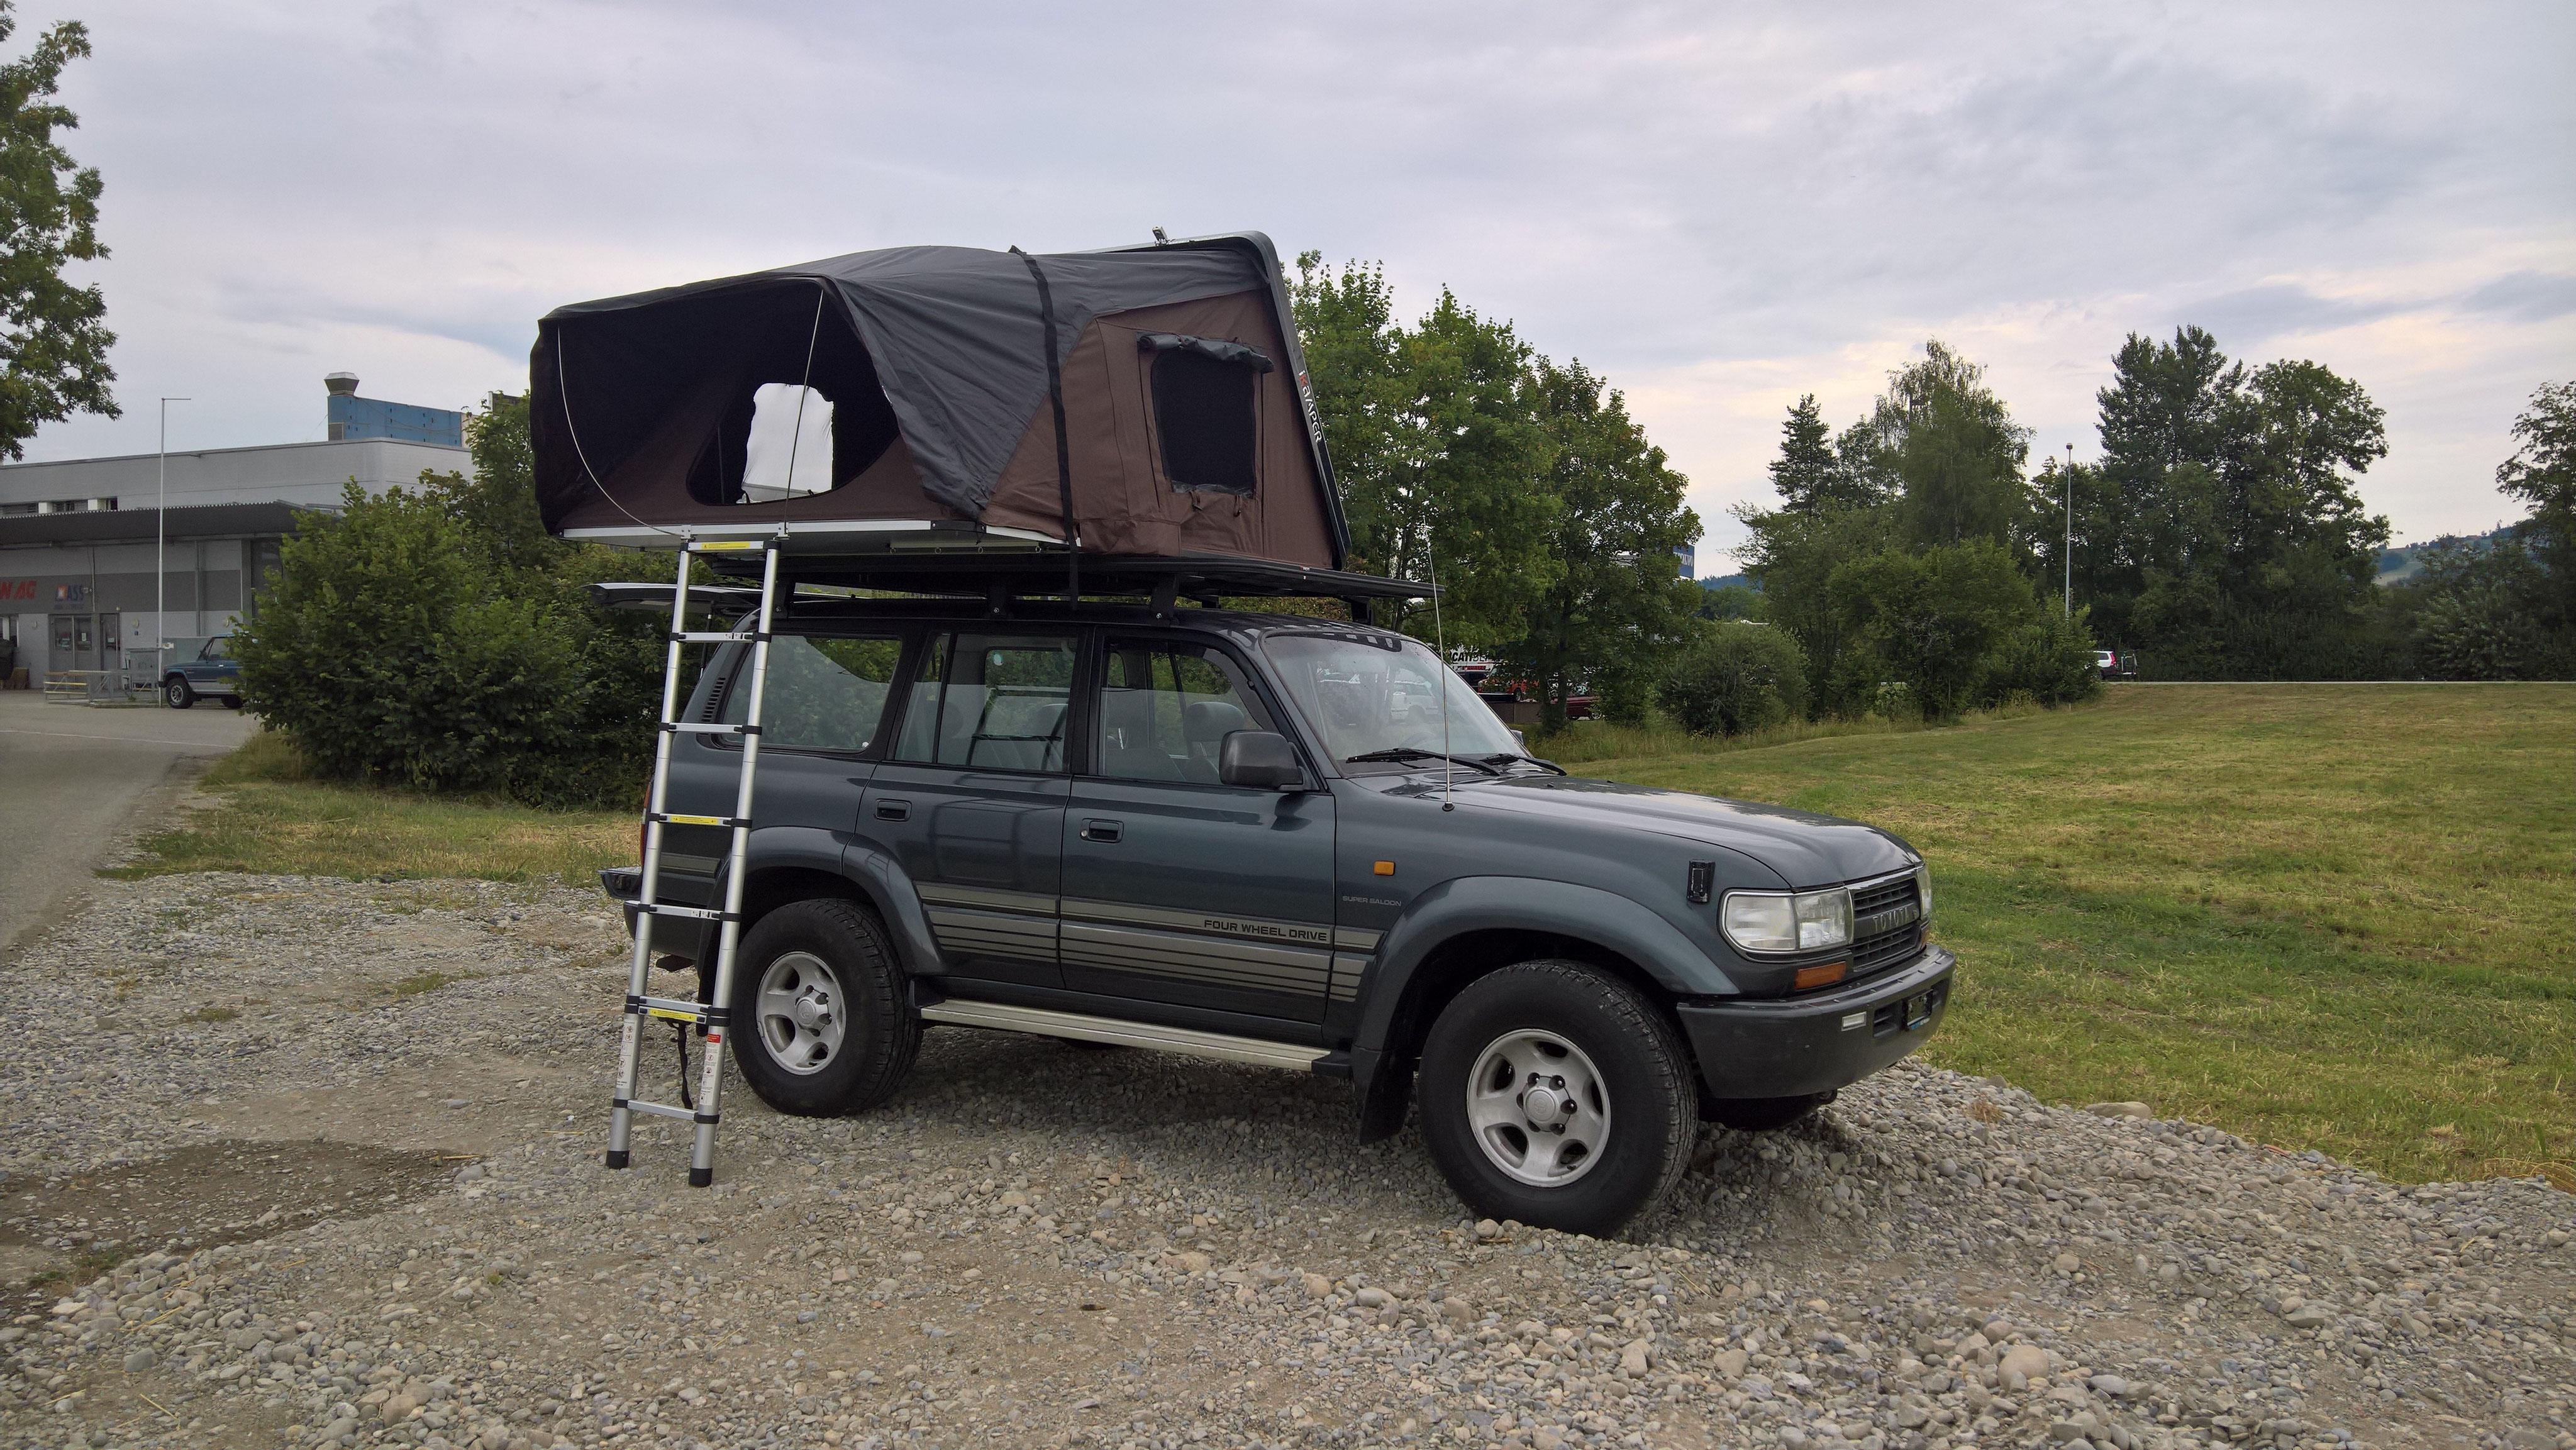 lieferwagen gel ndewagen zugfahrzeug mieten ein. Black Bedroom Furniture Sets. Home Design Ideas